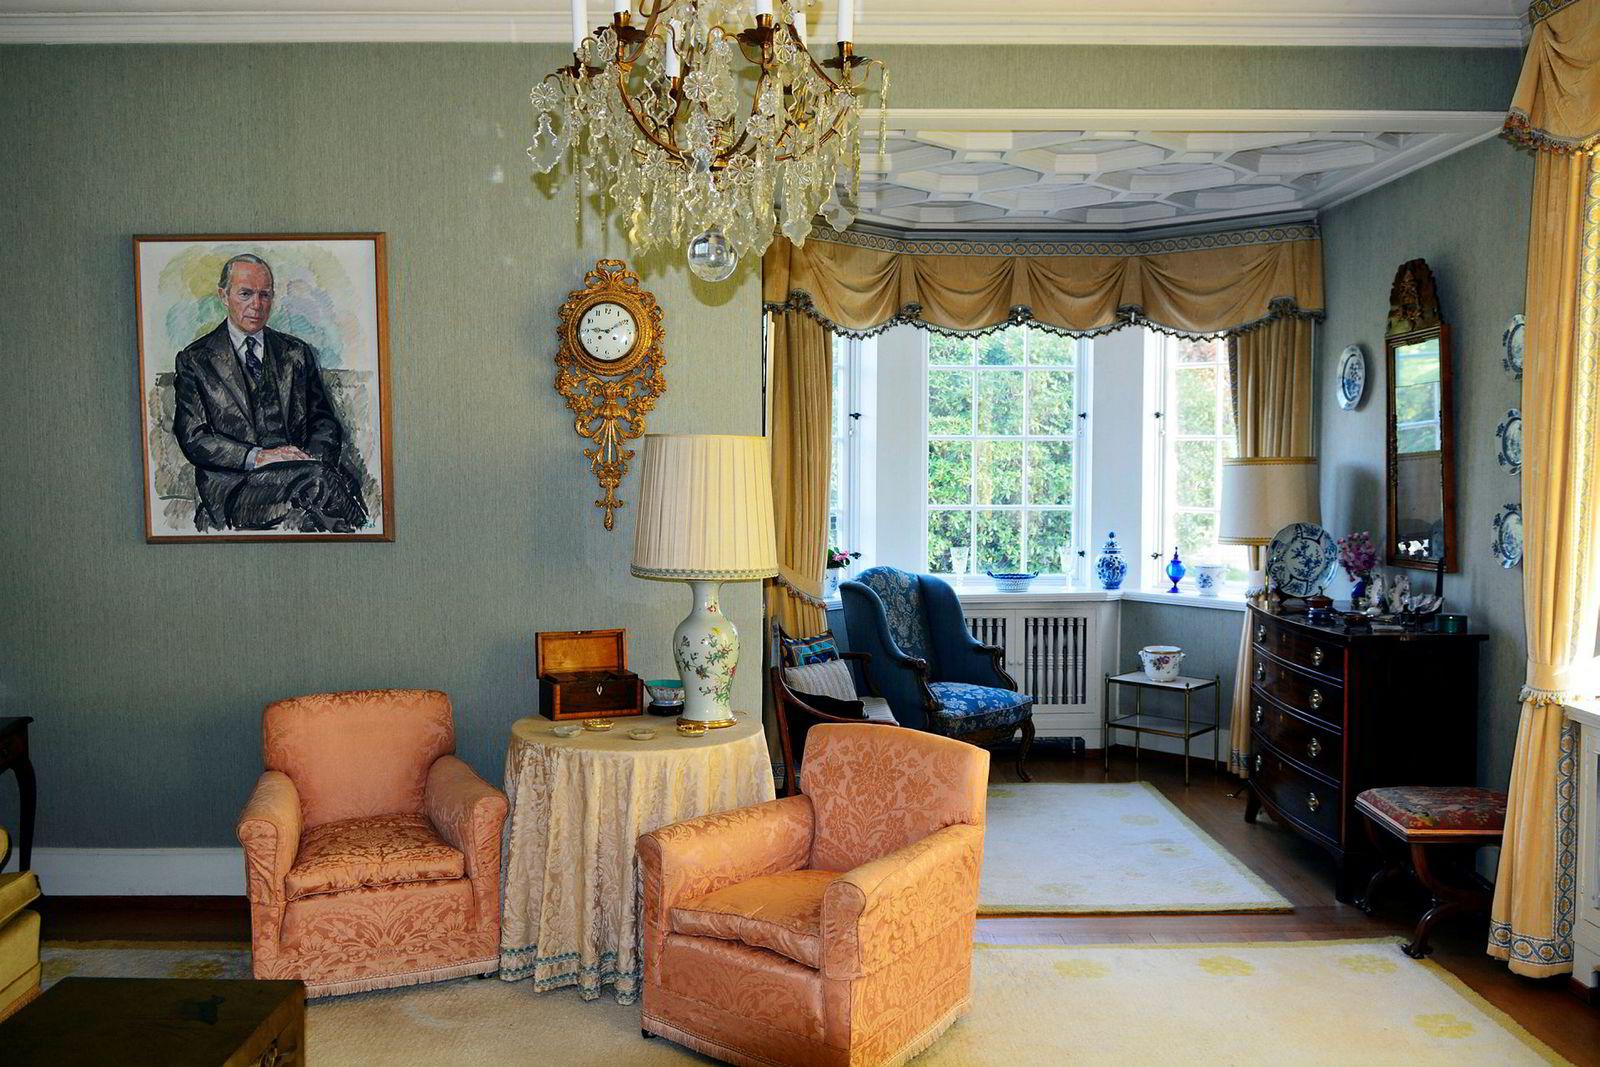 Det 101 år gamle herskapelige huset er ikke blitt oppgradert i nevneverdig grad de siste 40 årene. Her et bilde fra en av stuene.